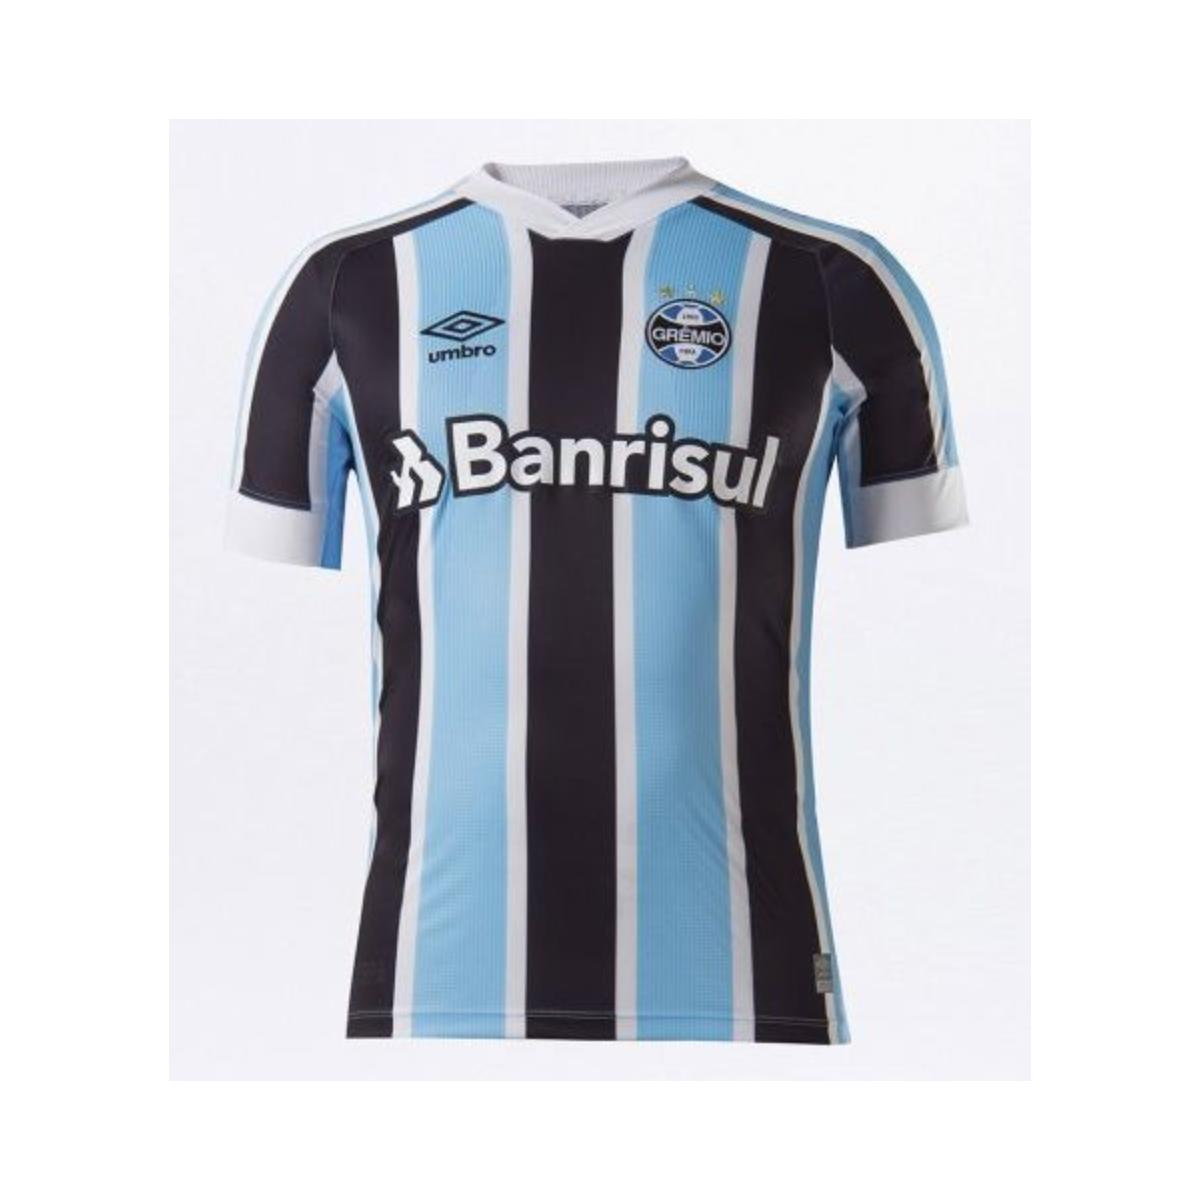 Camiseta Masculina Grêmio U31g023.312 Classic of 1 2021 S/n Celeste/preto/branco